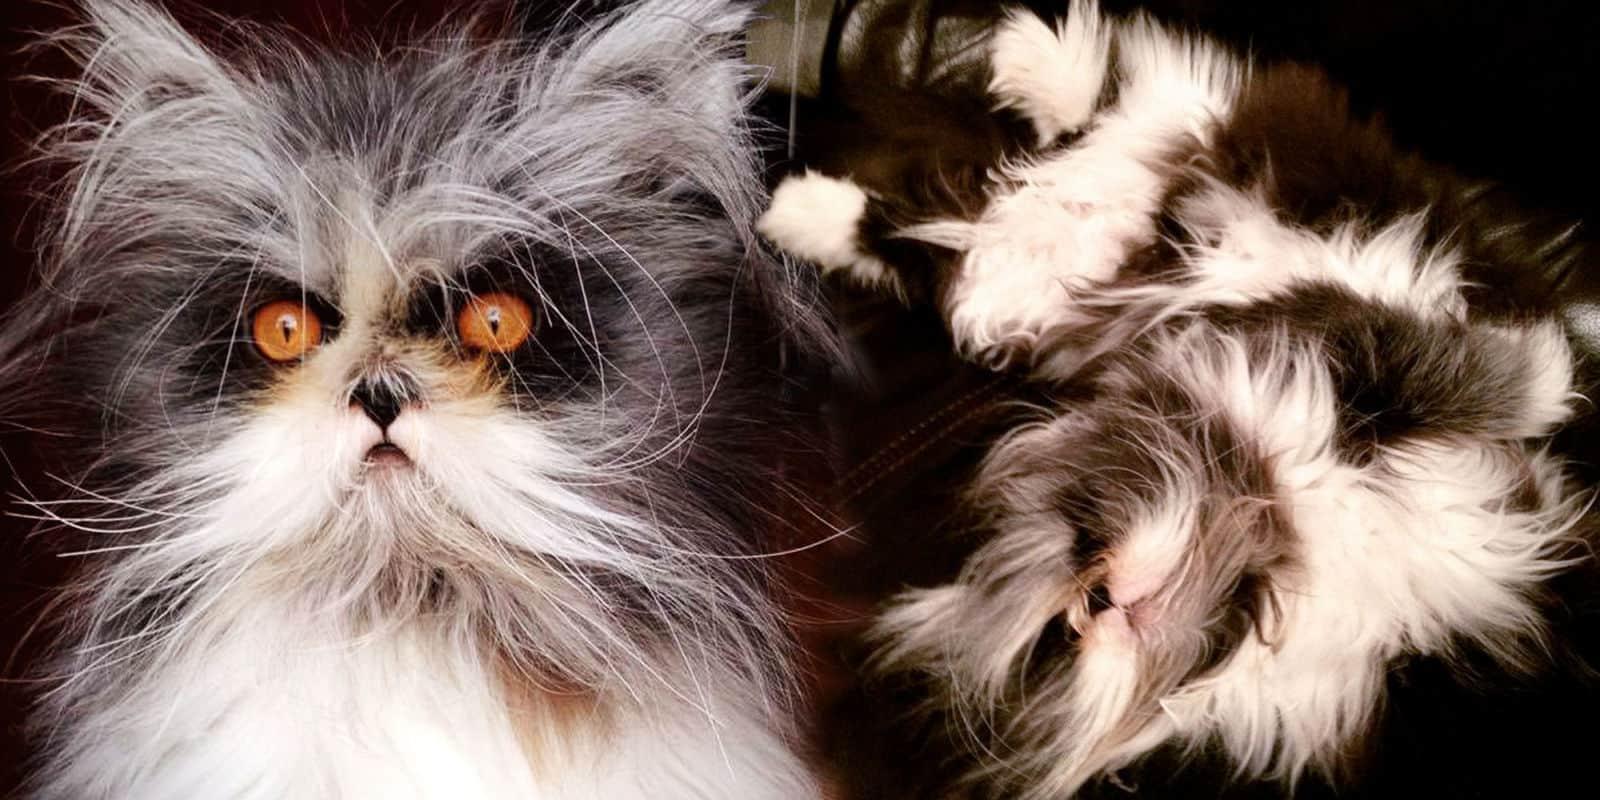 Este gato tem uma doença genética rara, mas isso só significa constantes dias de bons pelos 1